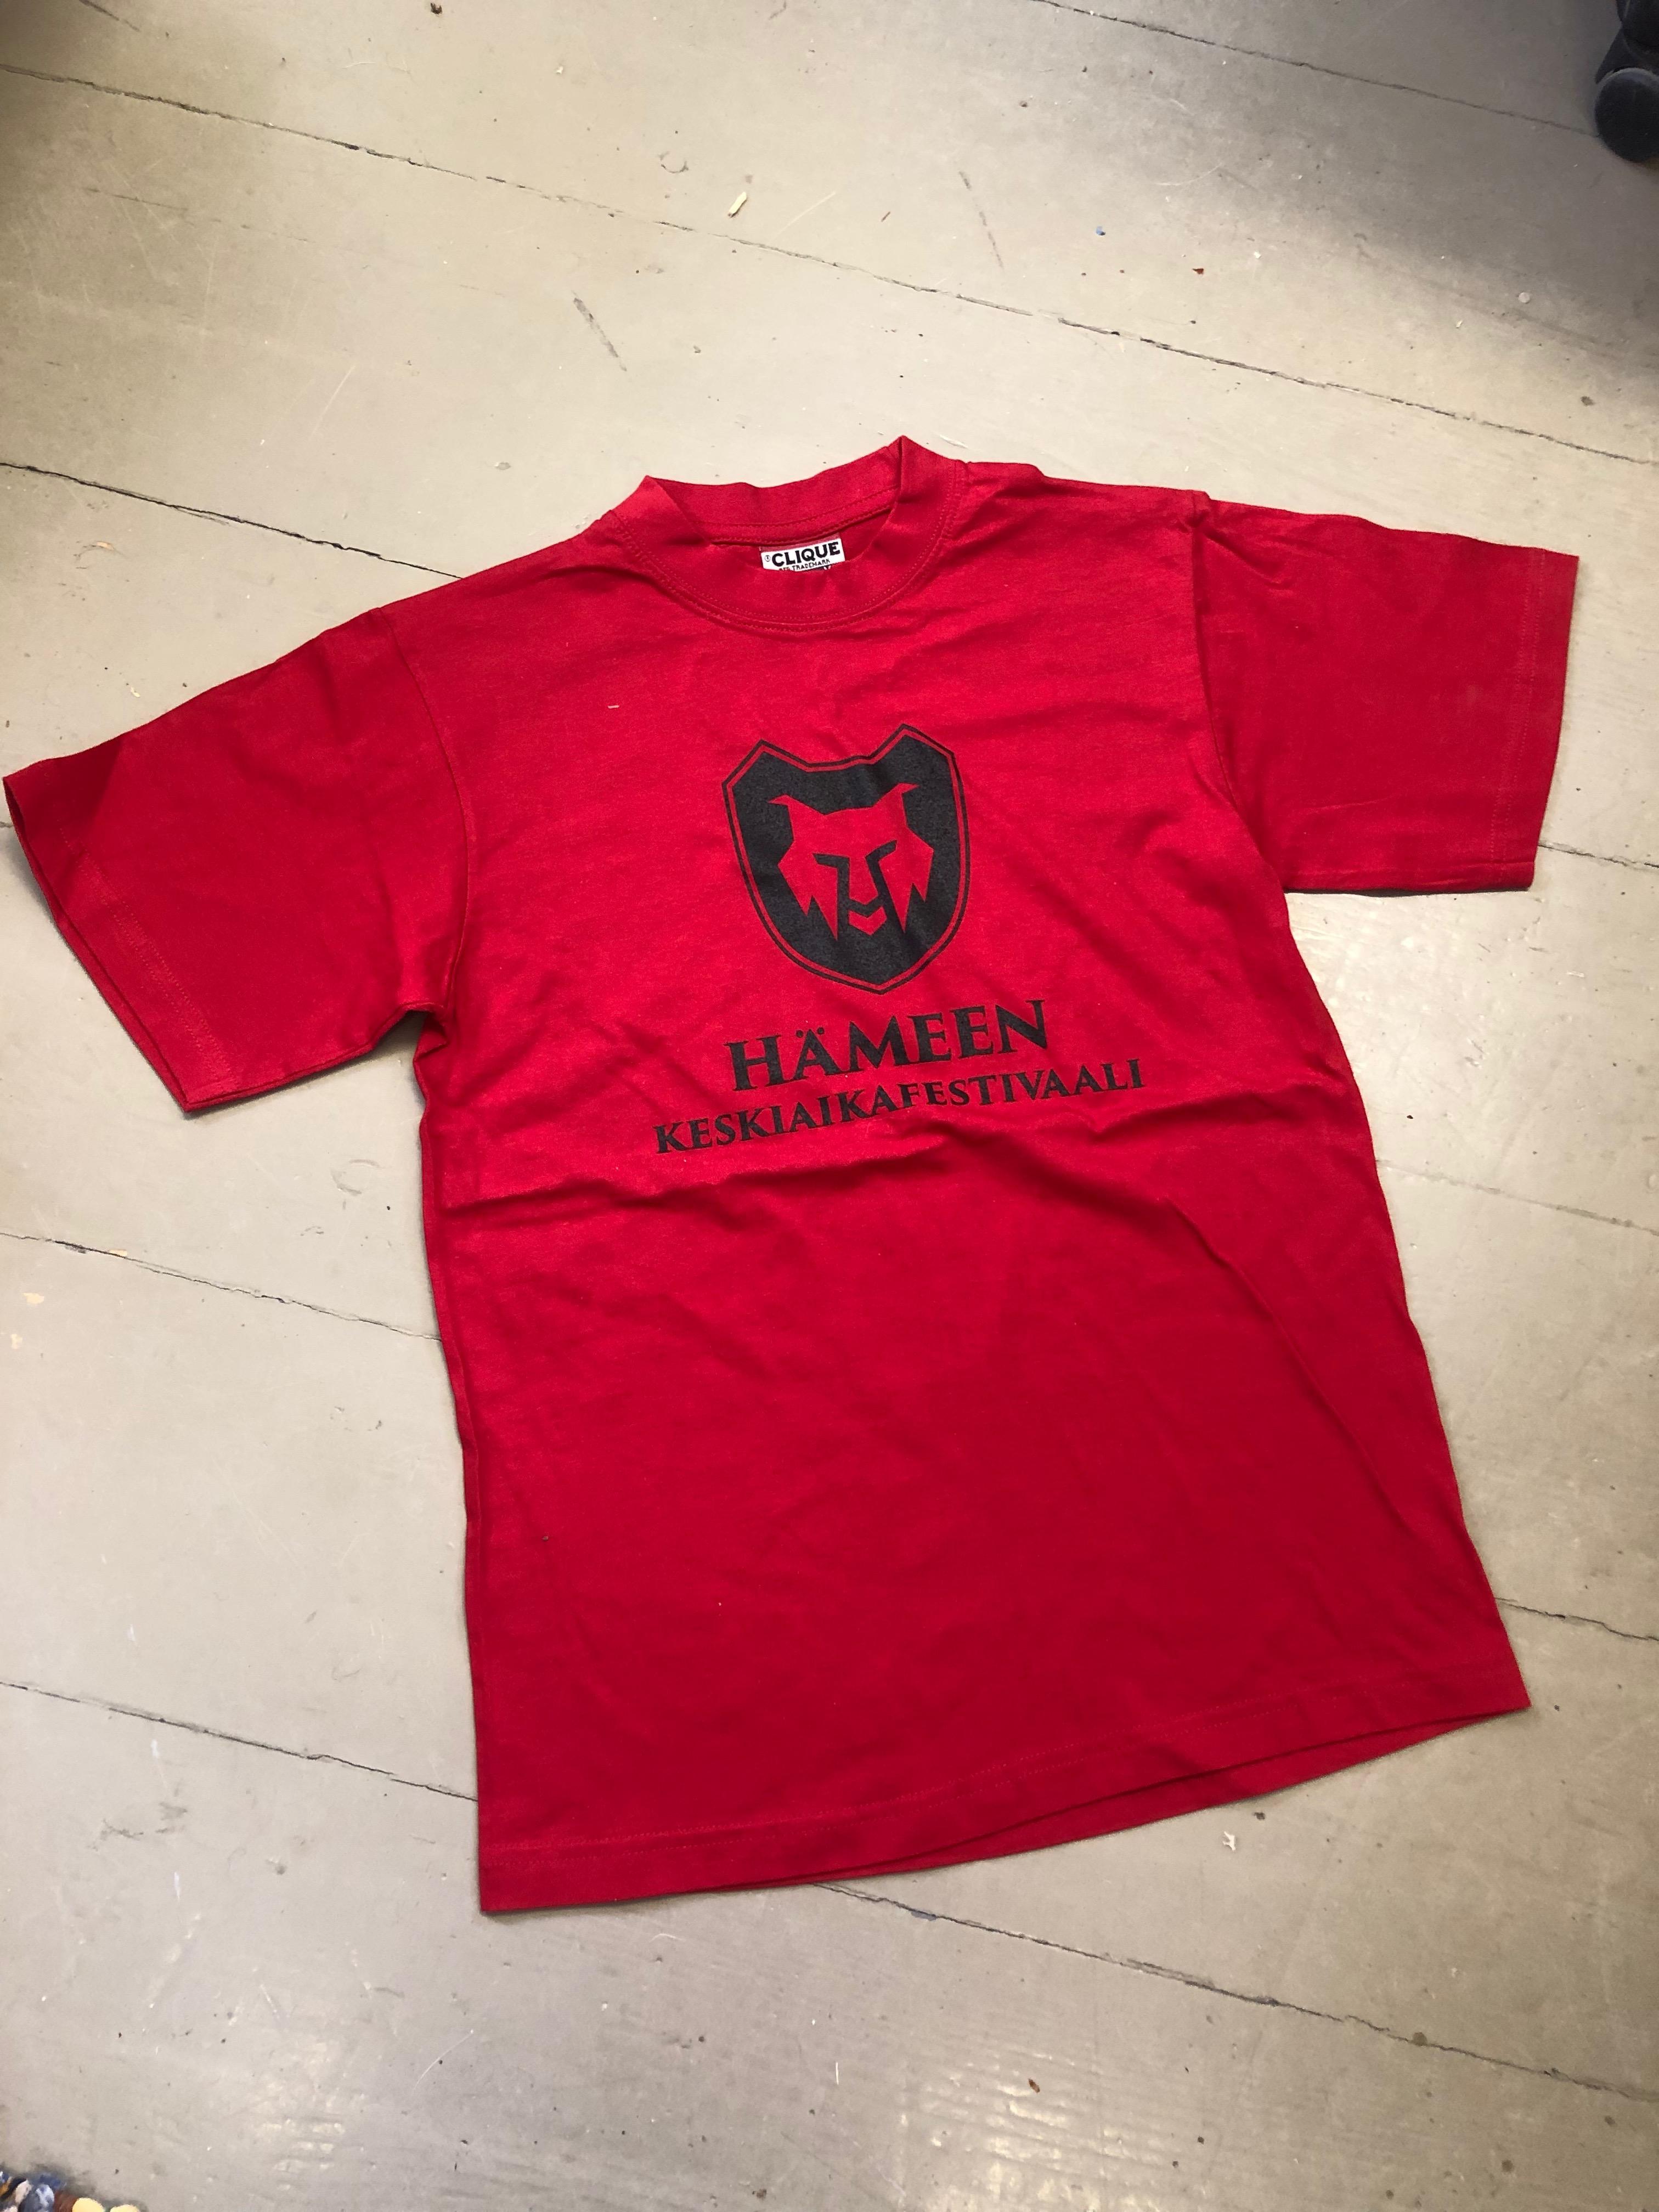 T-paita, punainen, Hämeen keskiaikafestivaali